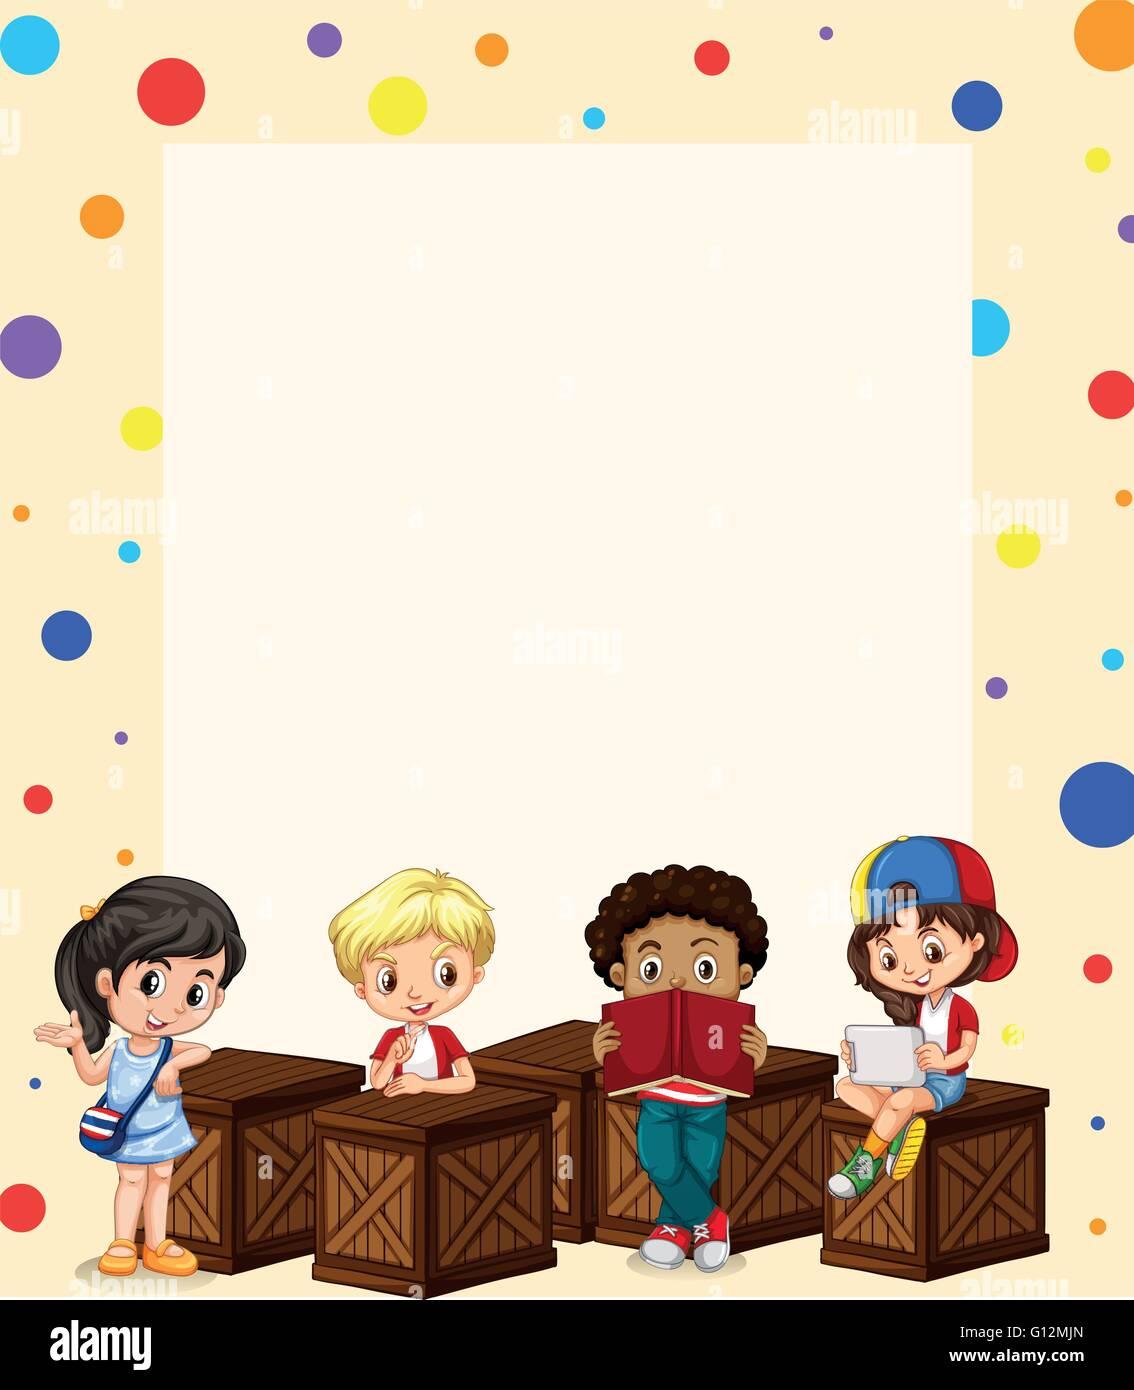 Border Design With Children Reading Illustration Stock